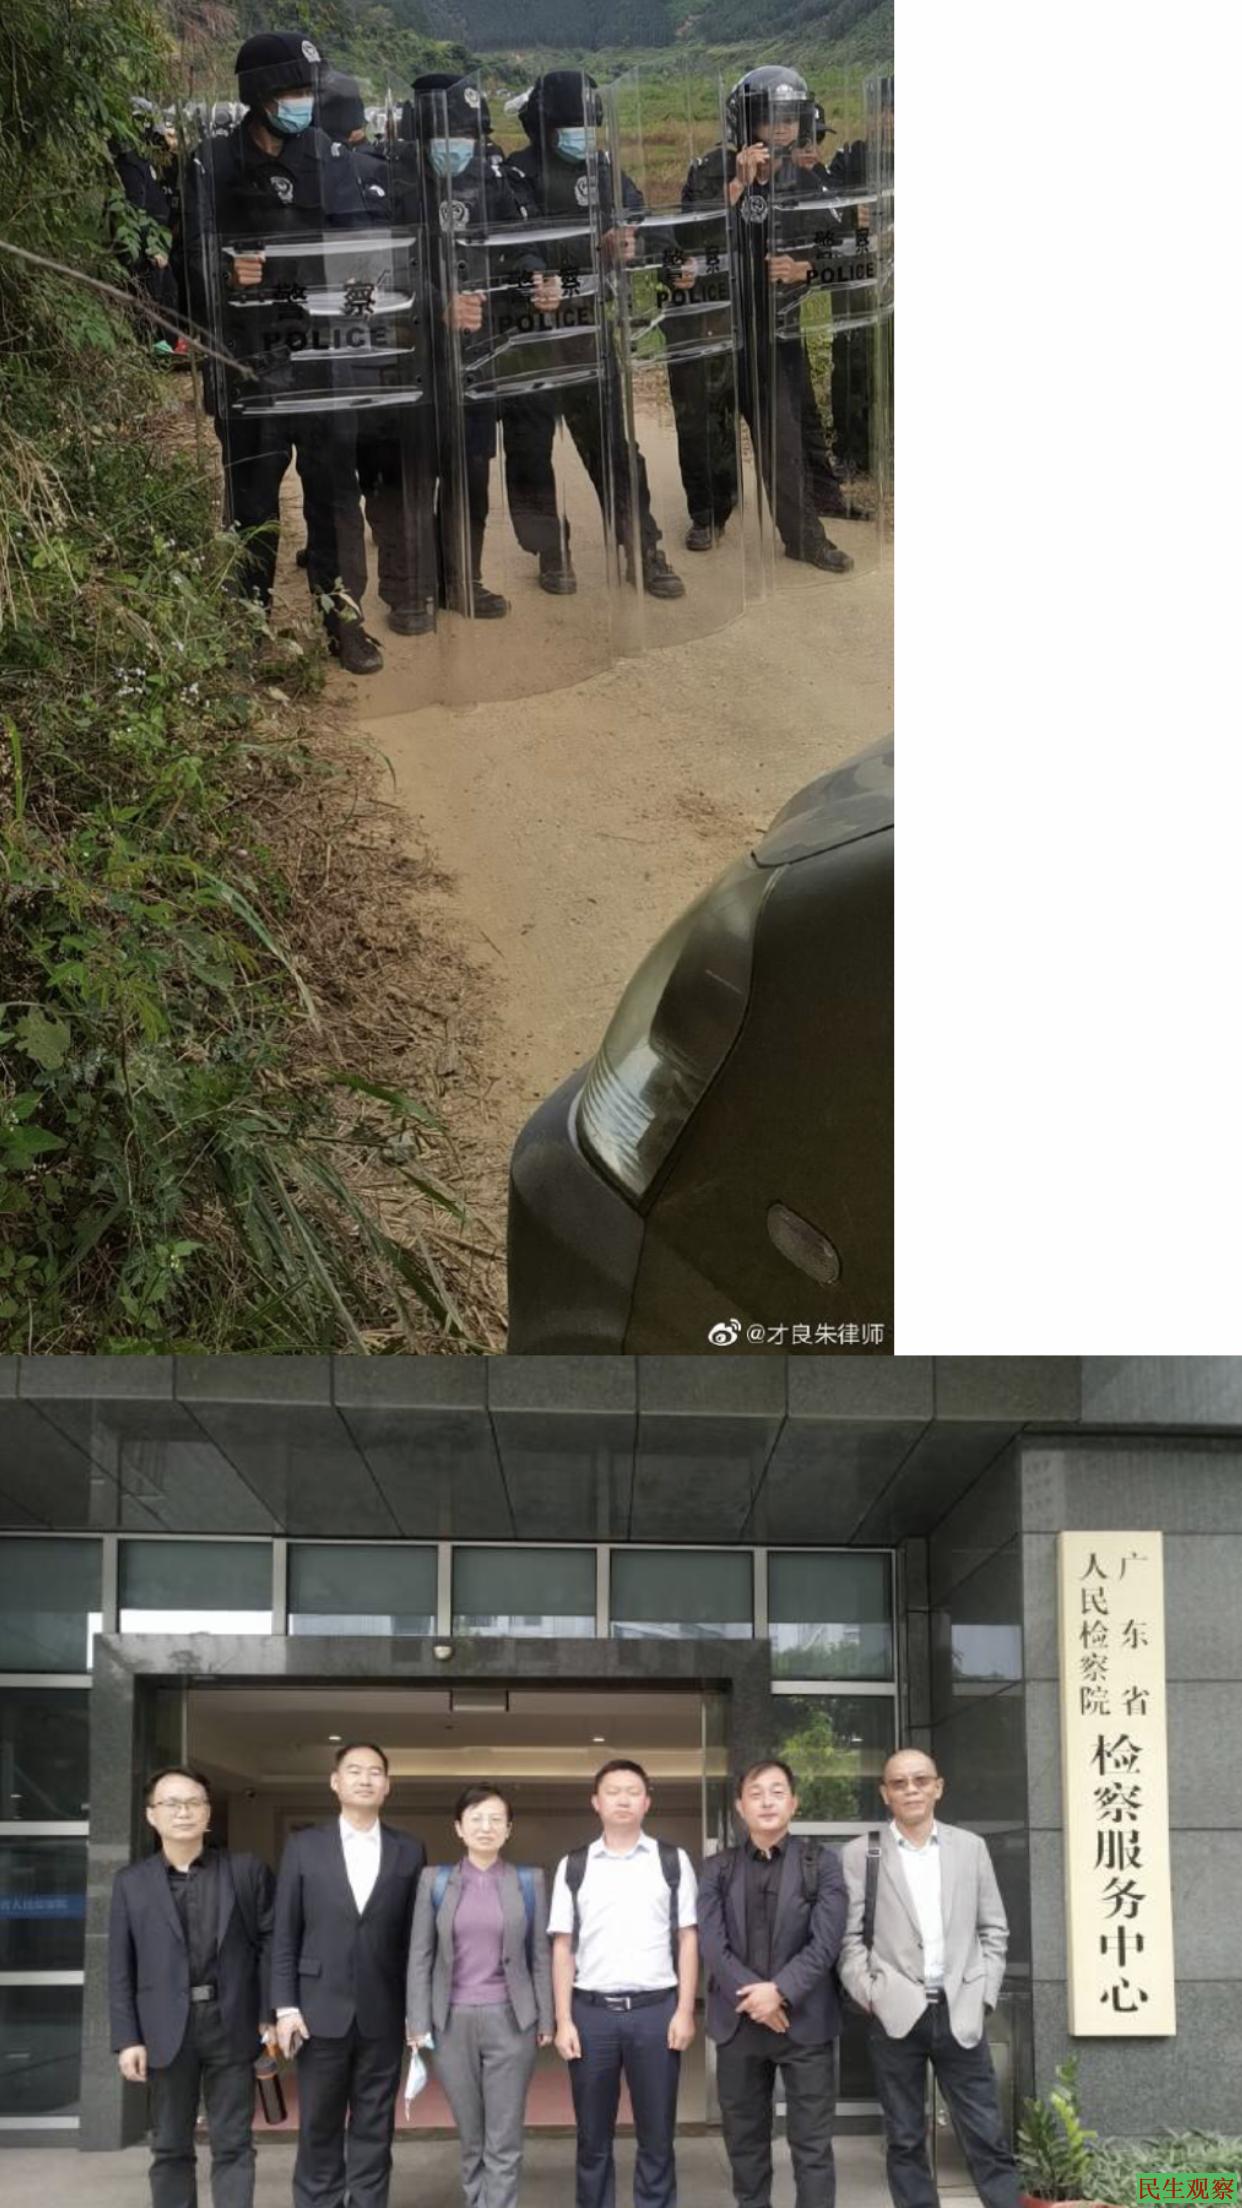 广东清远村民抵抗强拆遭抓捕